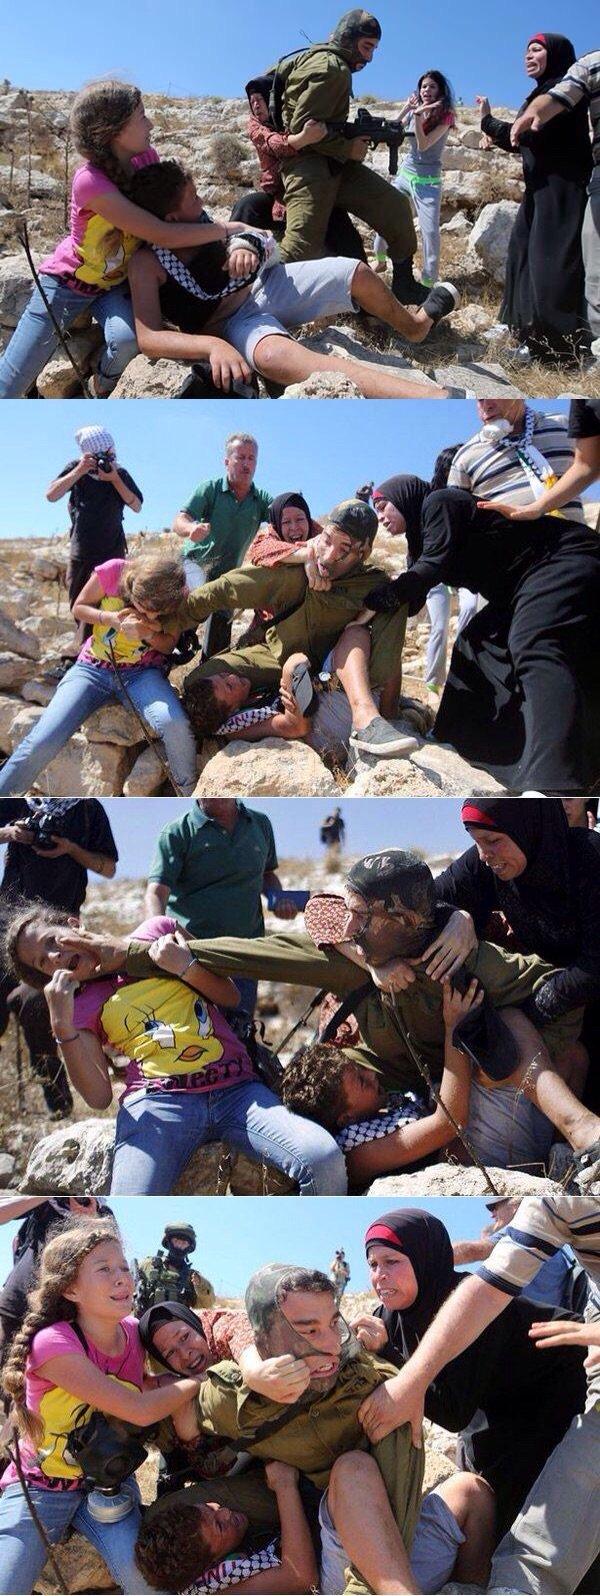 فتيات فلسطينيات يدافعن عن طفل يحاول جندي اسرائيلي القبض عليه - صورة ١